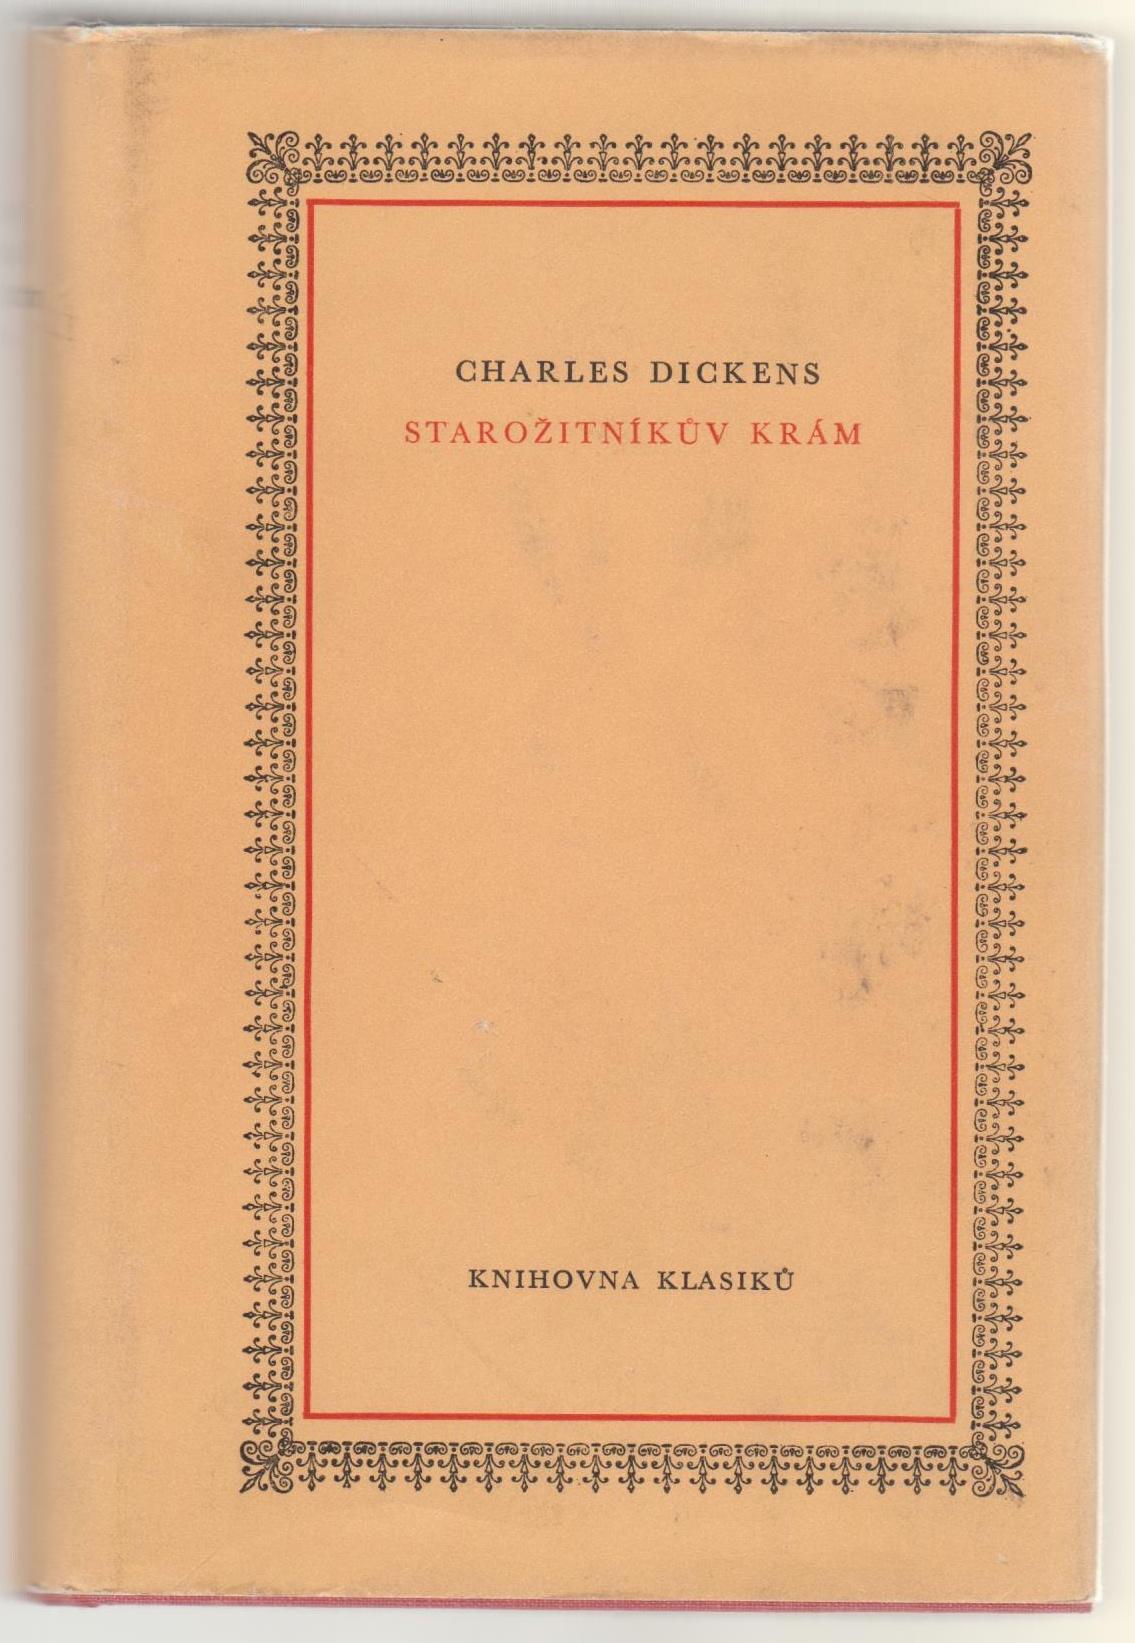 Starožitníkův krám - Charles Dickens